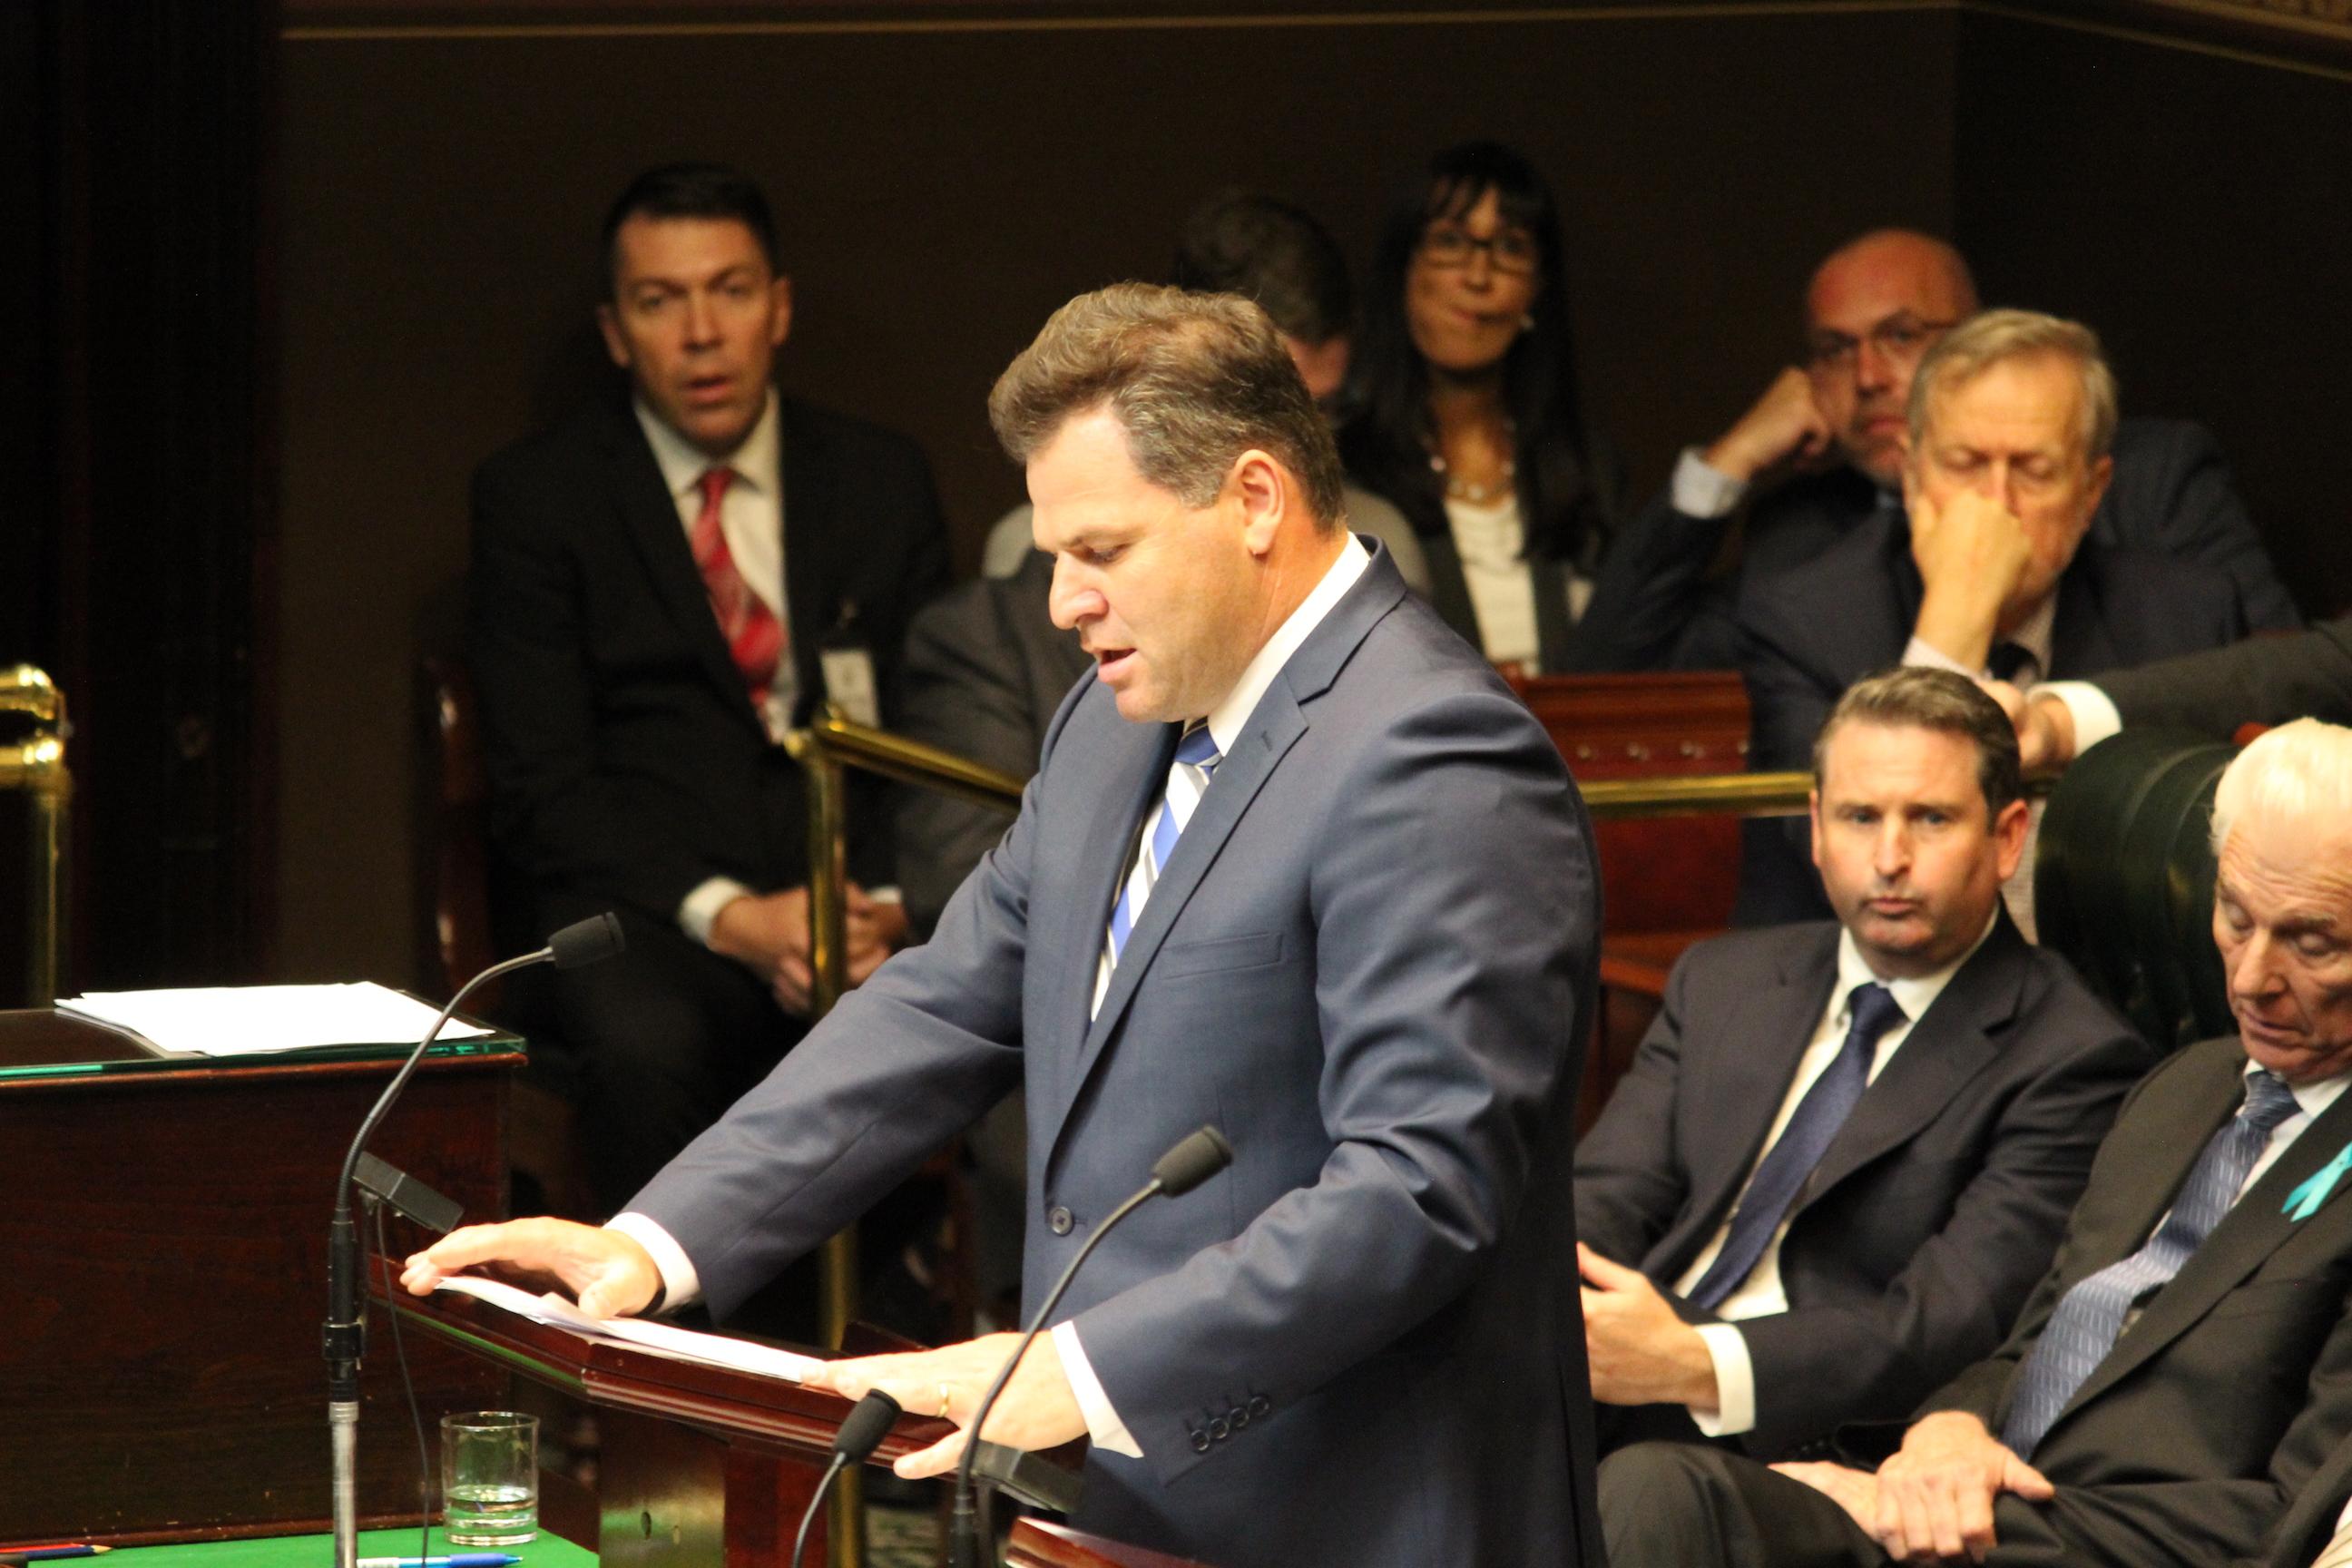 Philip Donato MP